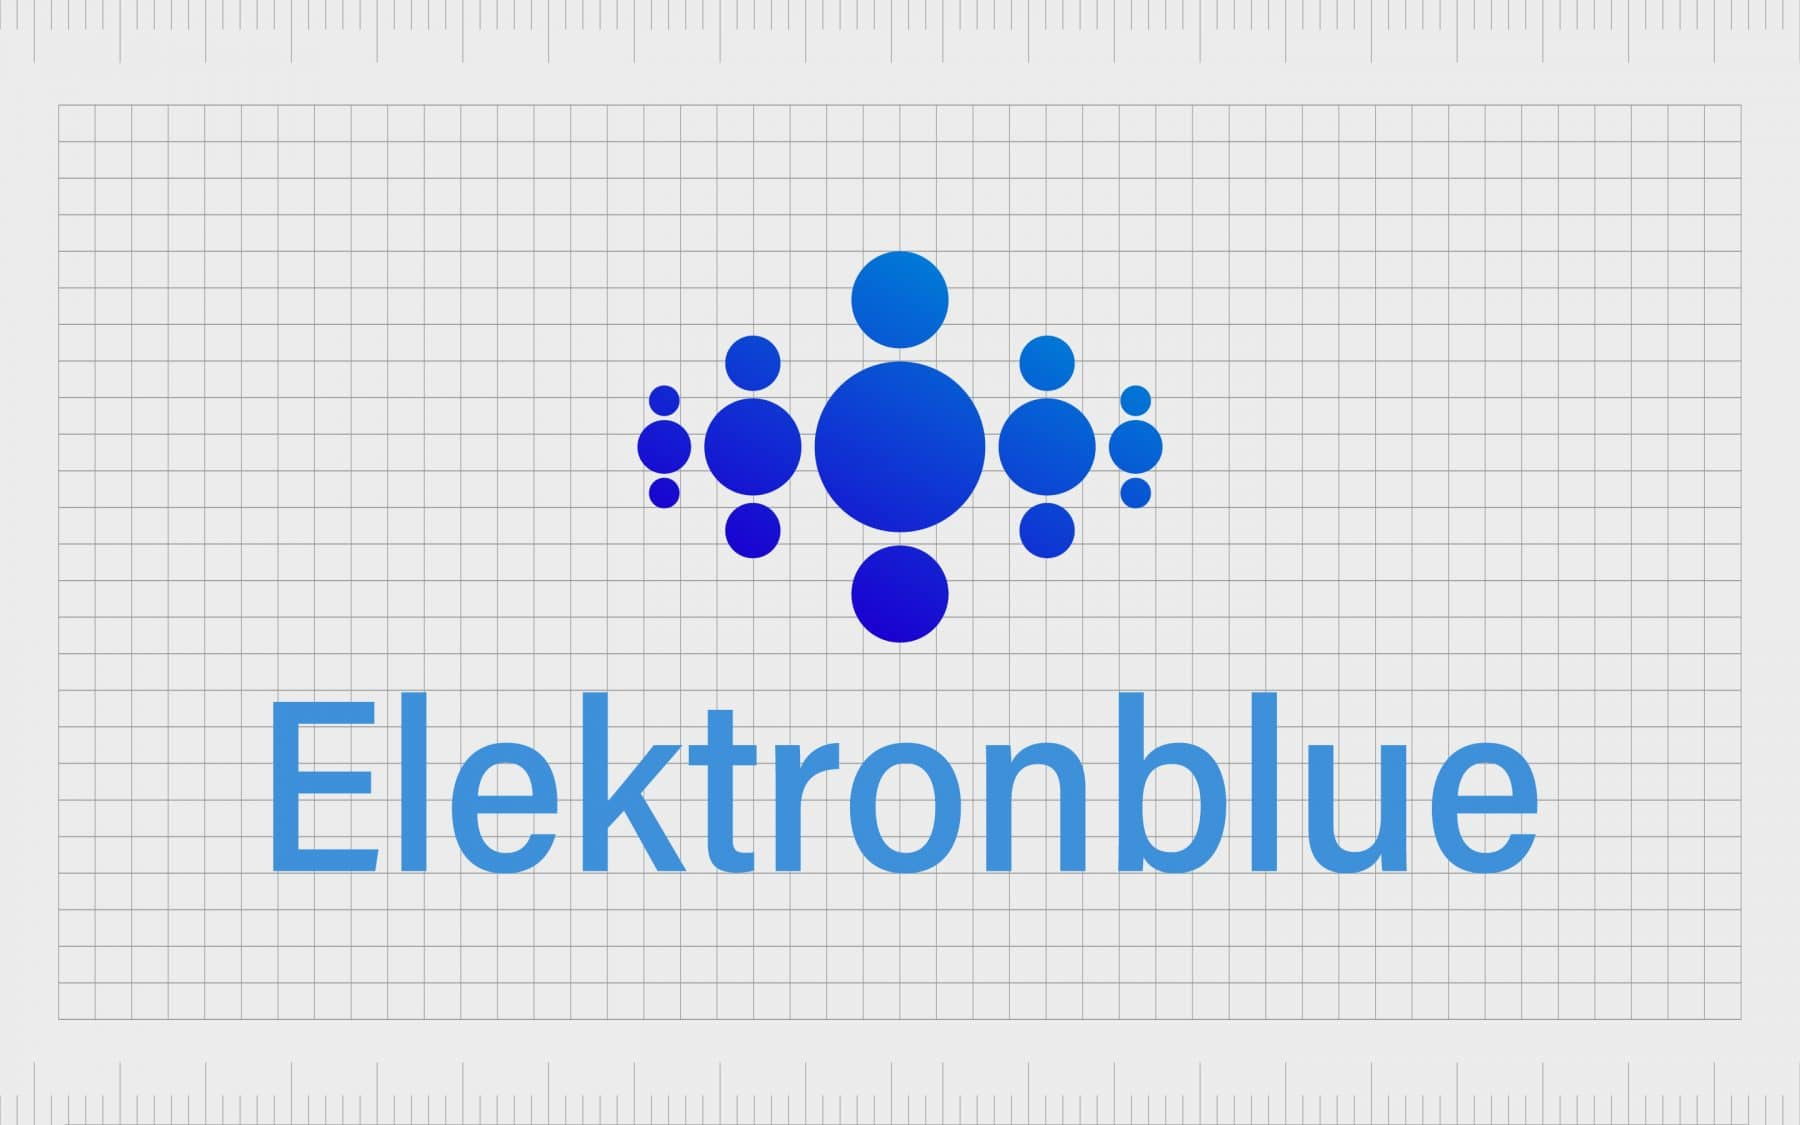 Elektronblue